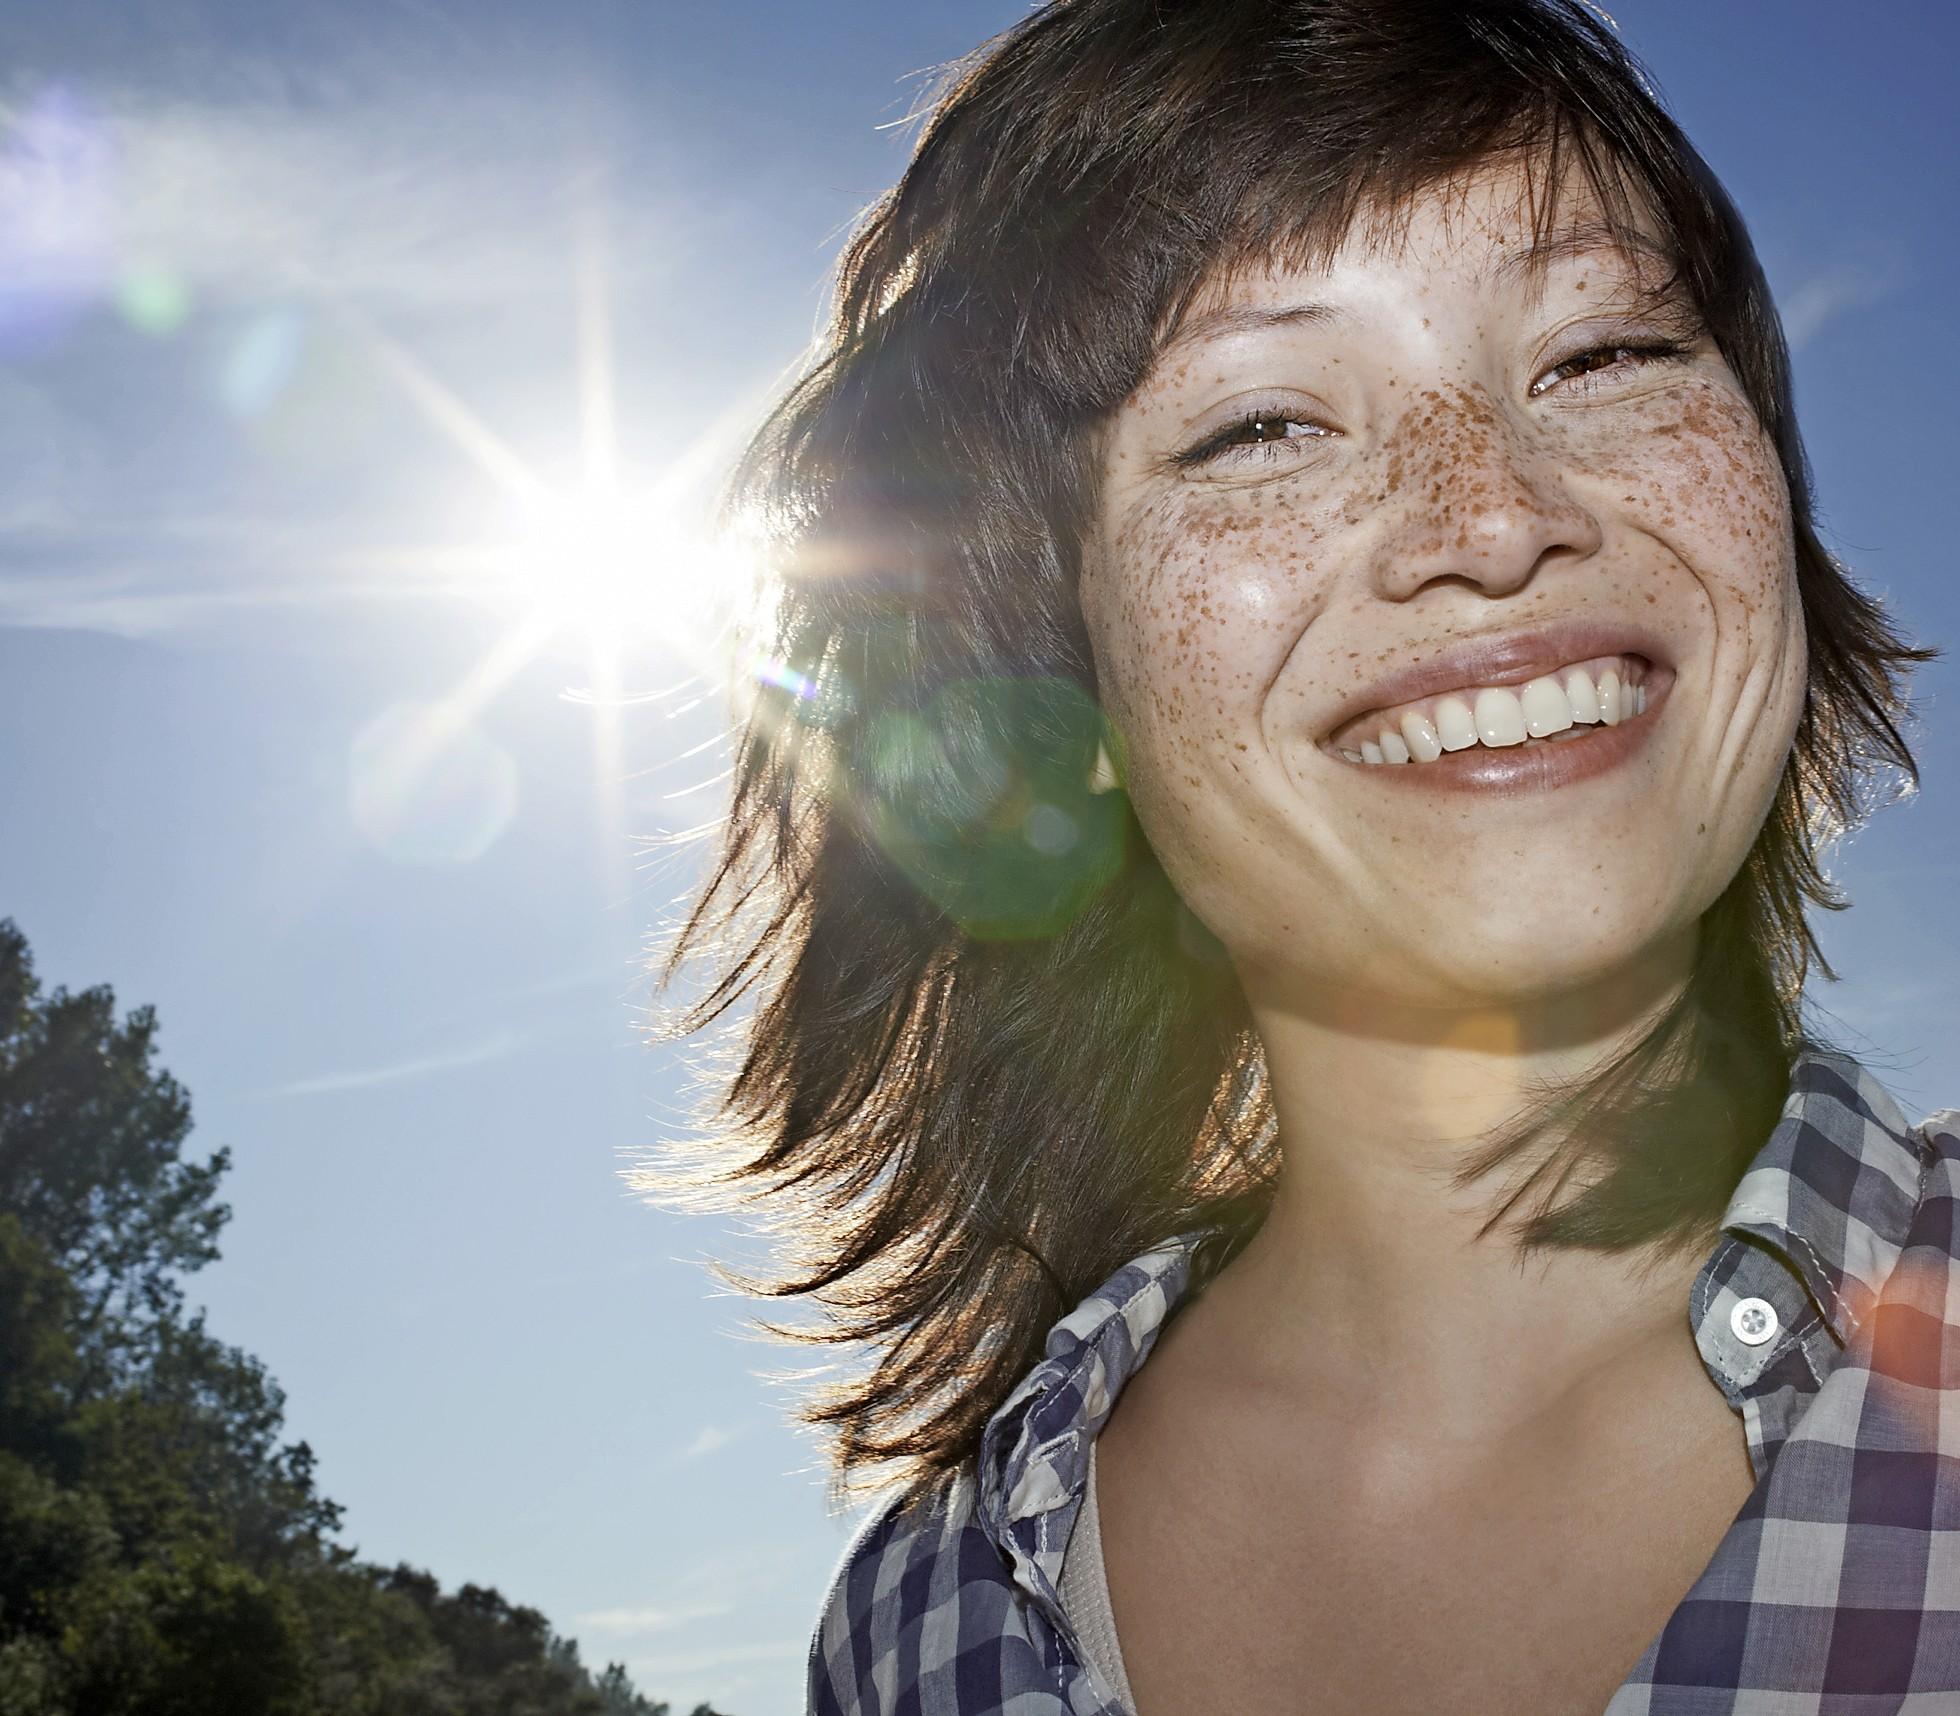 Lekker in de zon? Let goed op je huid. 'Het is van belang om melanoom in een vroege fase te ontdekken en te verwijderen'